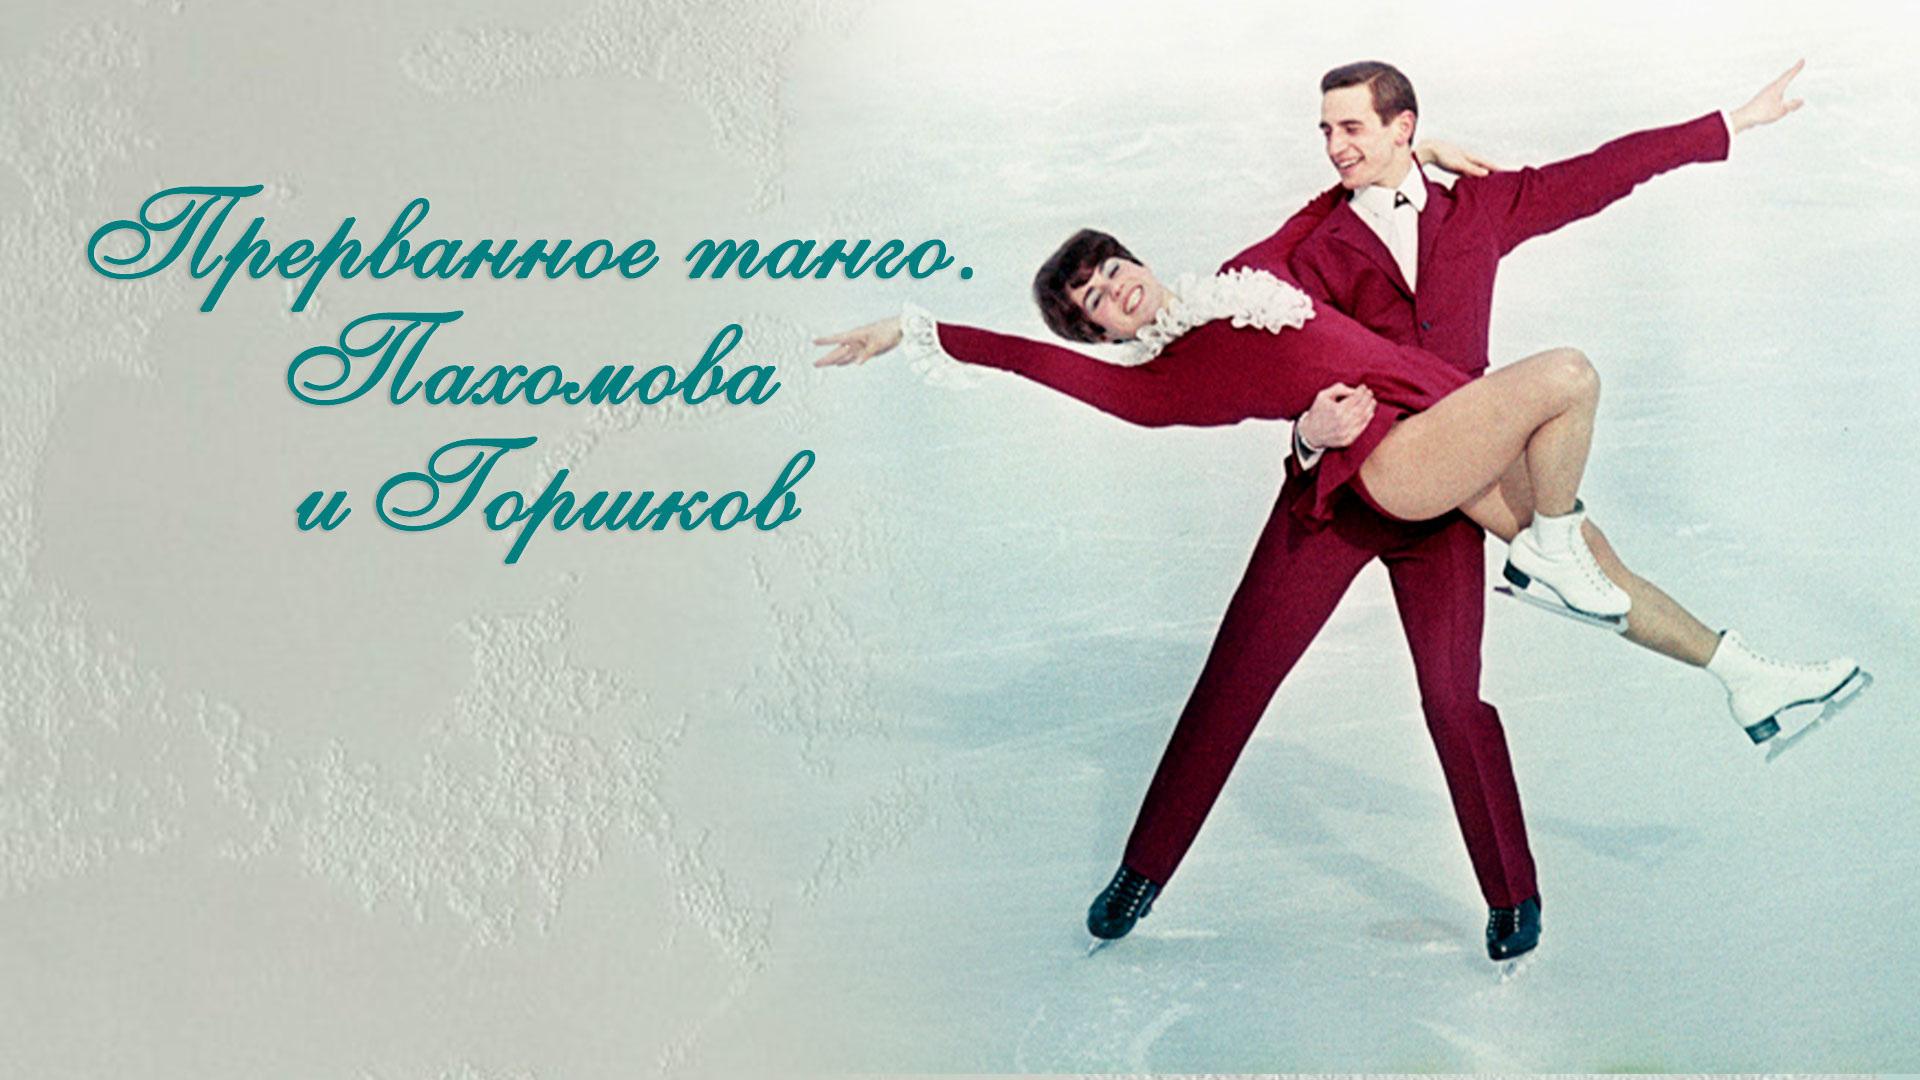 Прерванное танго. Пахомова и Горшков